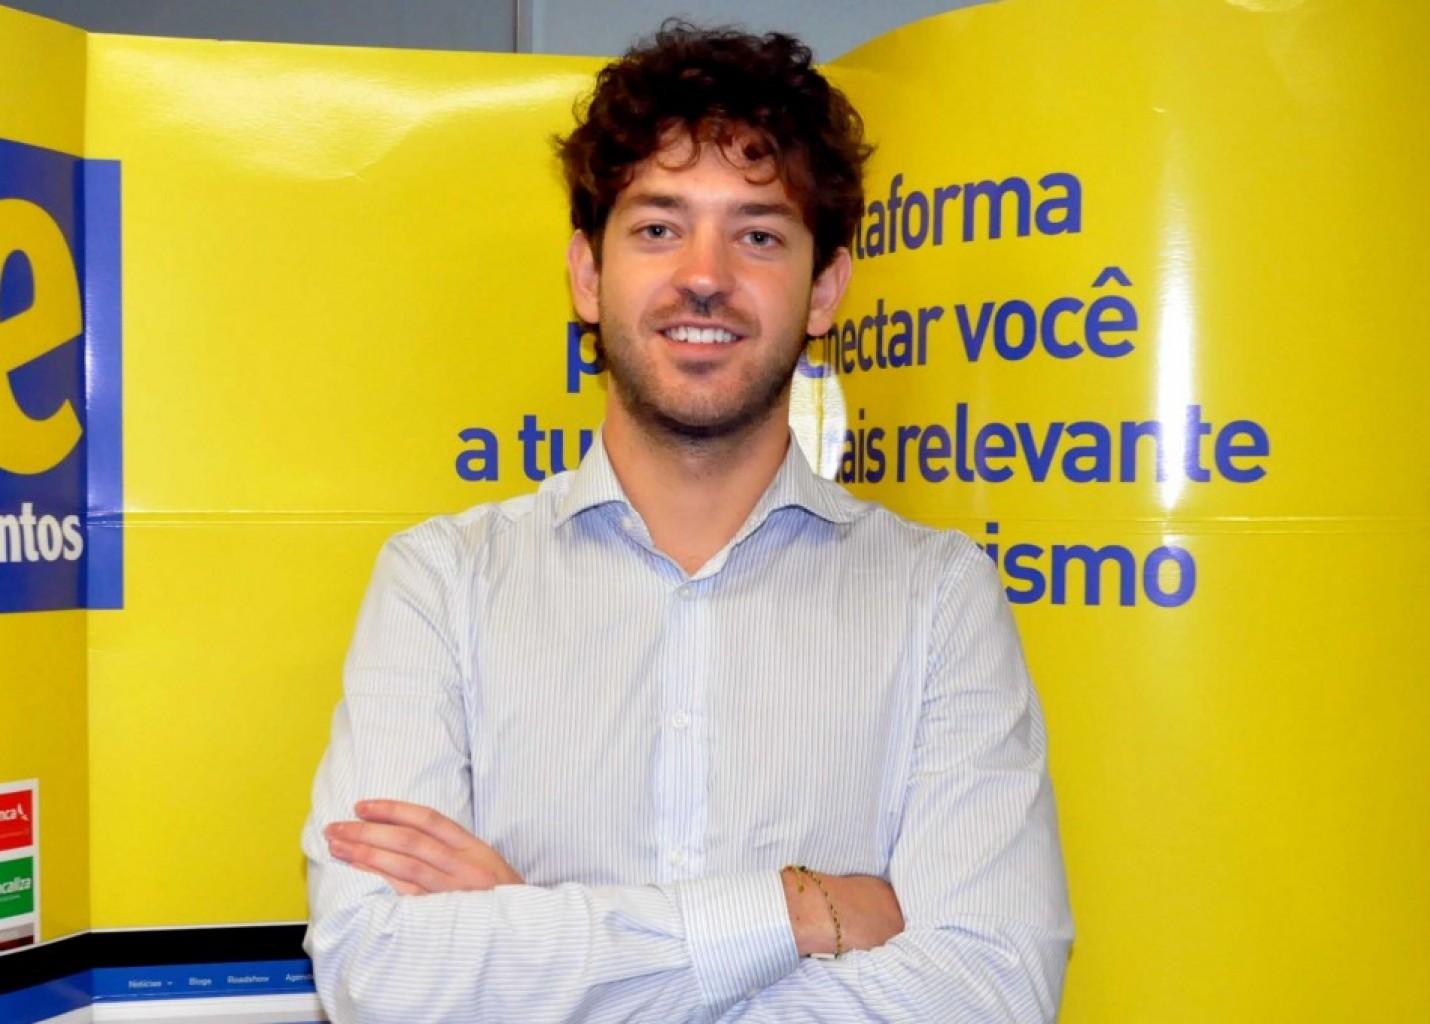 Com nova plataforma, Tui quer conquistar mercado brasileiro